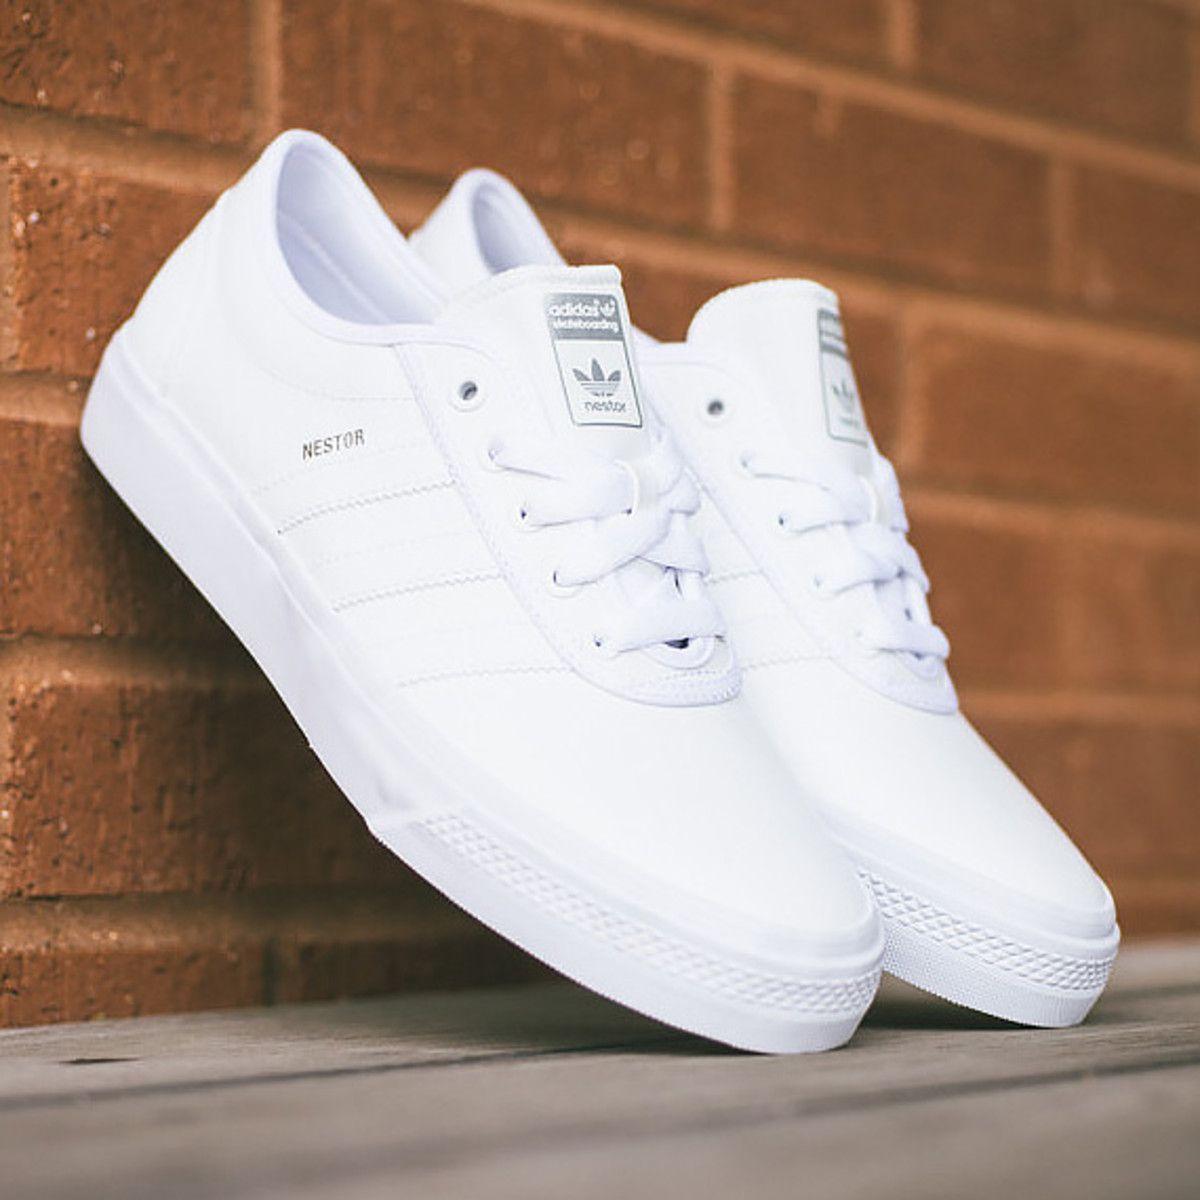 """adidas Skateboarding adi-Ease Nestor - """"All White""""  3be46c37ba"""